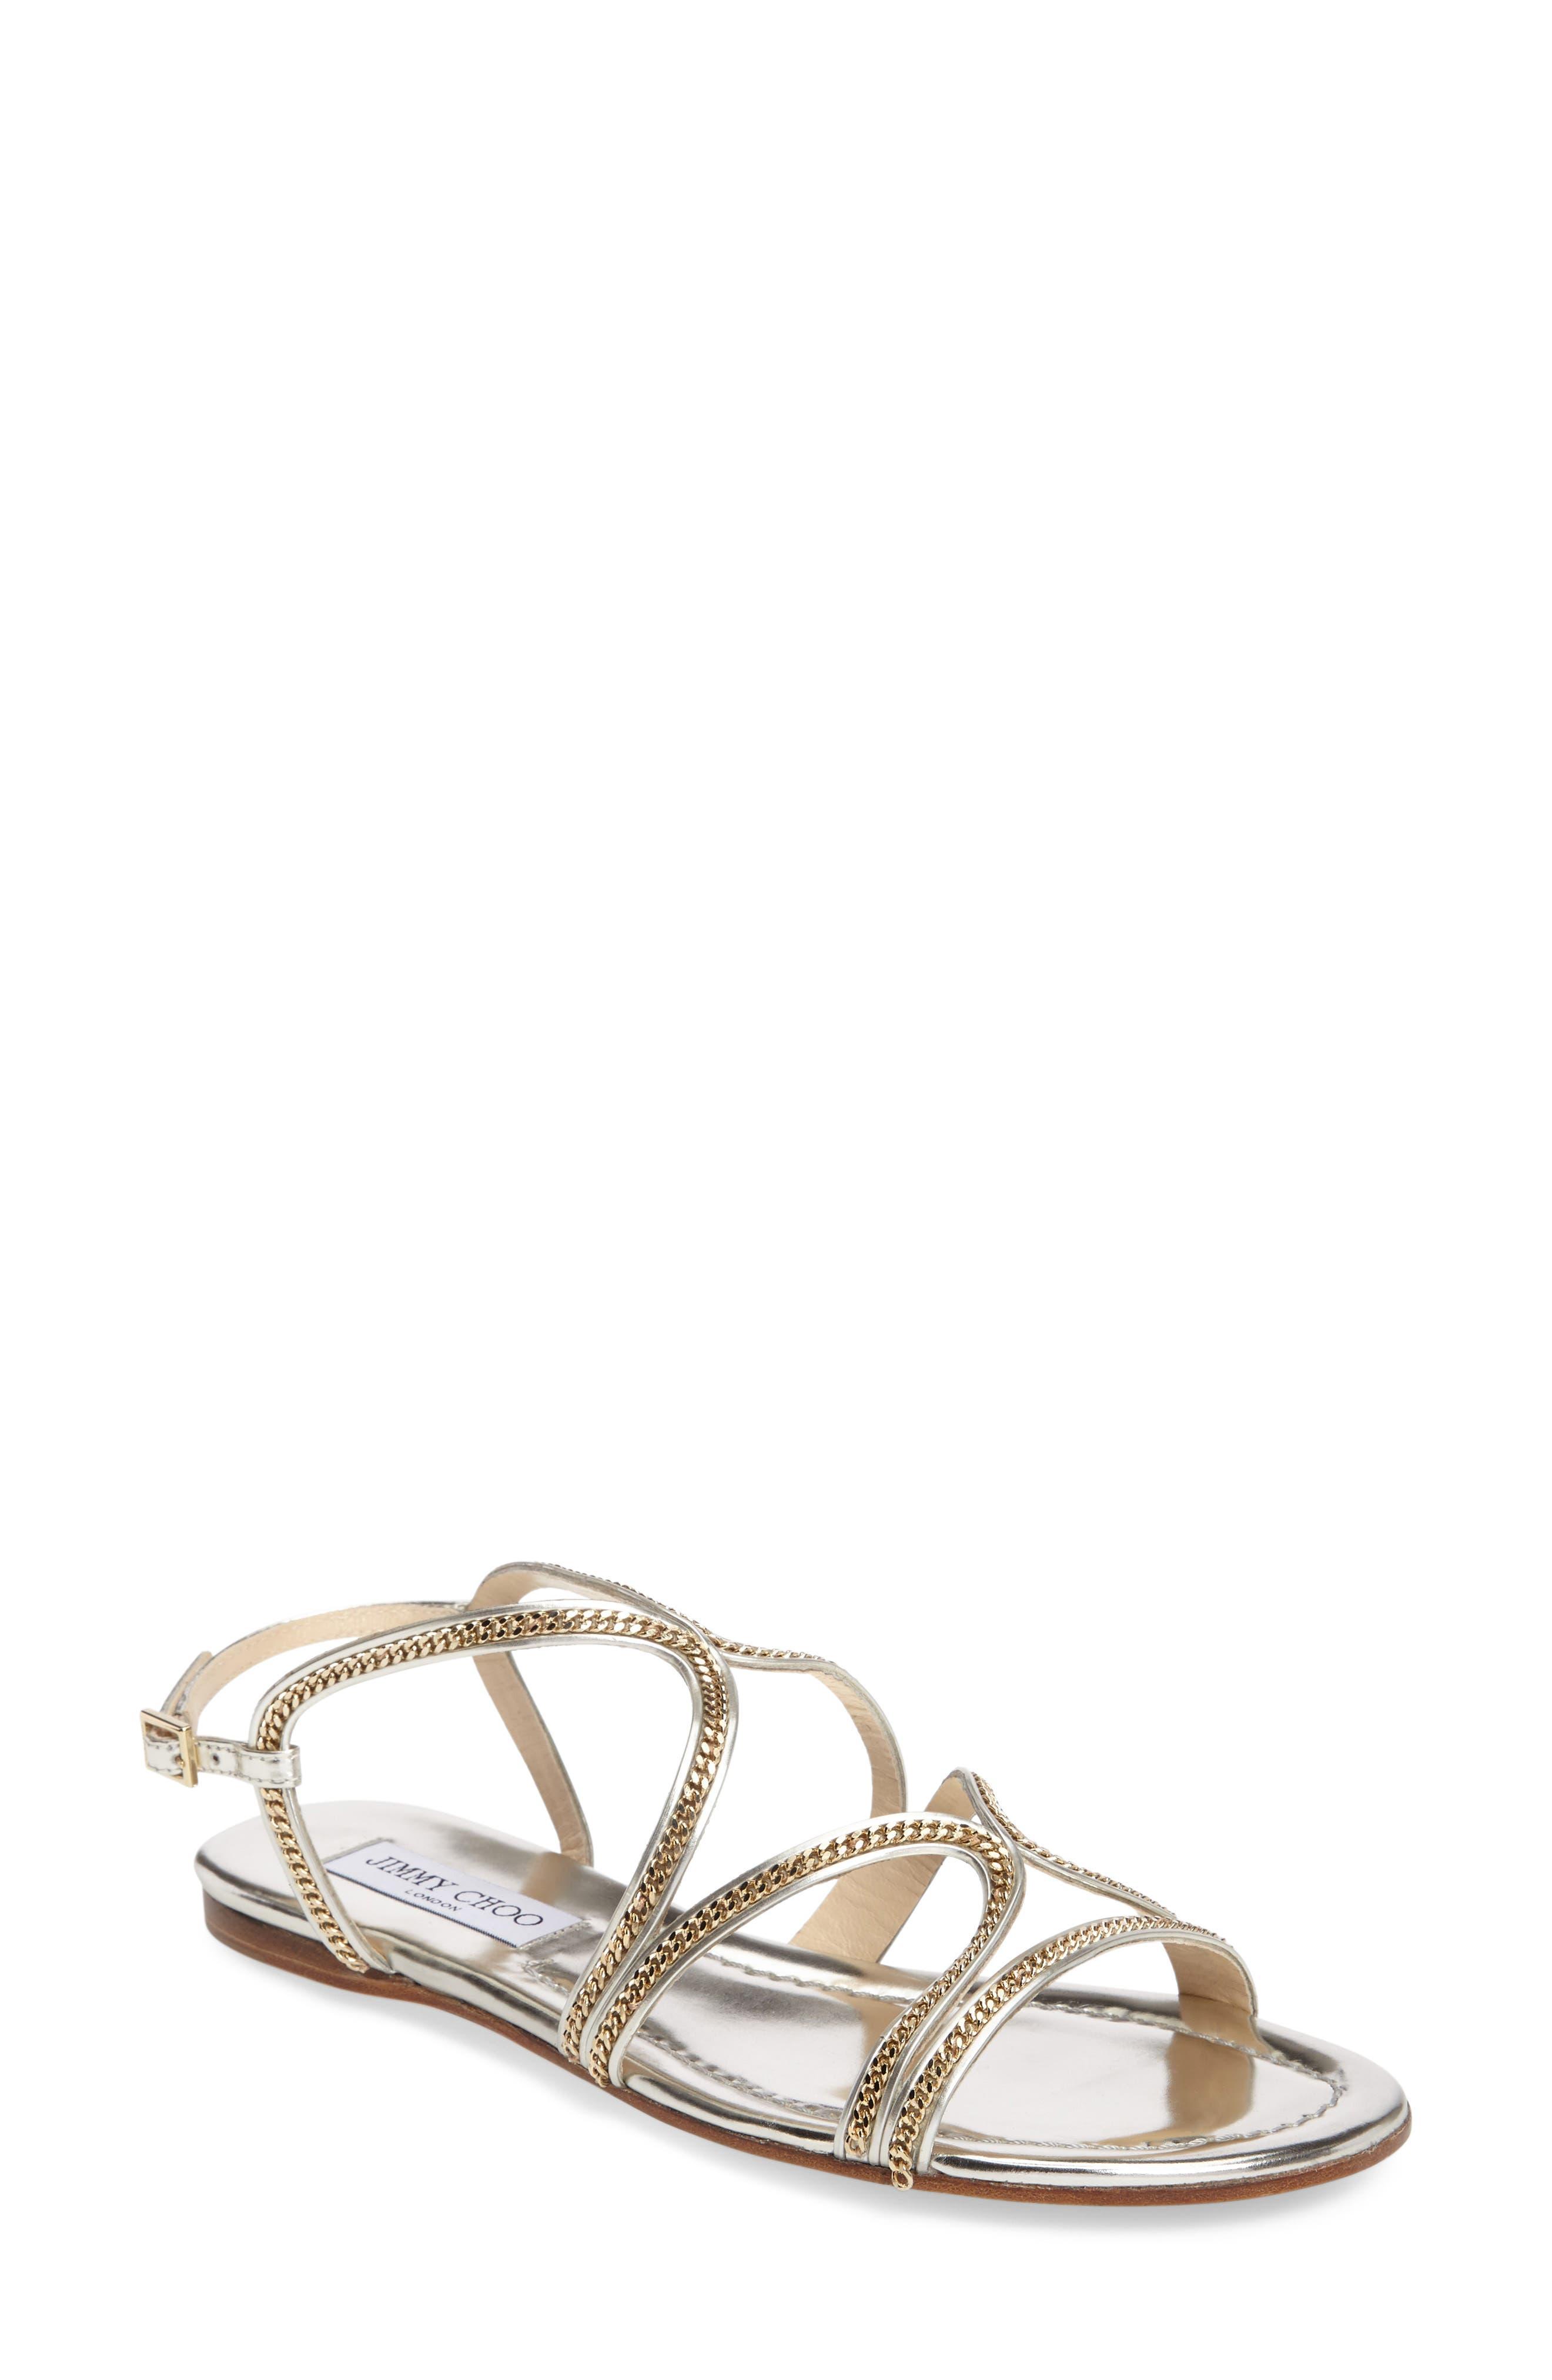 Alternate Image 1 Selected - Jimmy Choo Nickel Flat Sandal (Women)